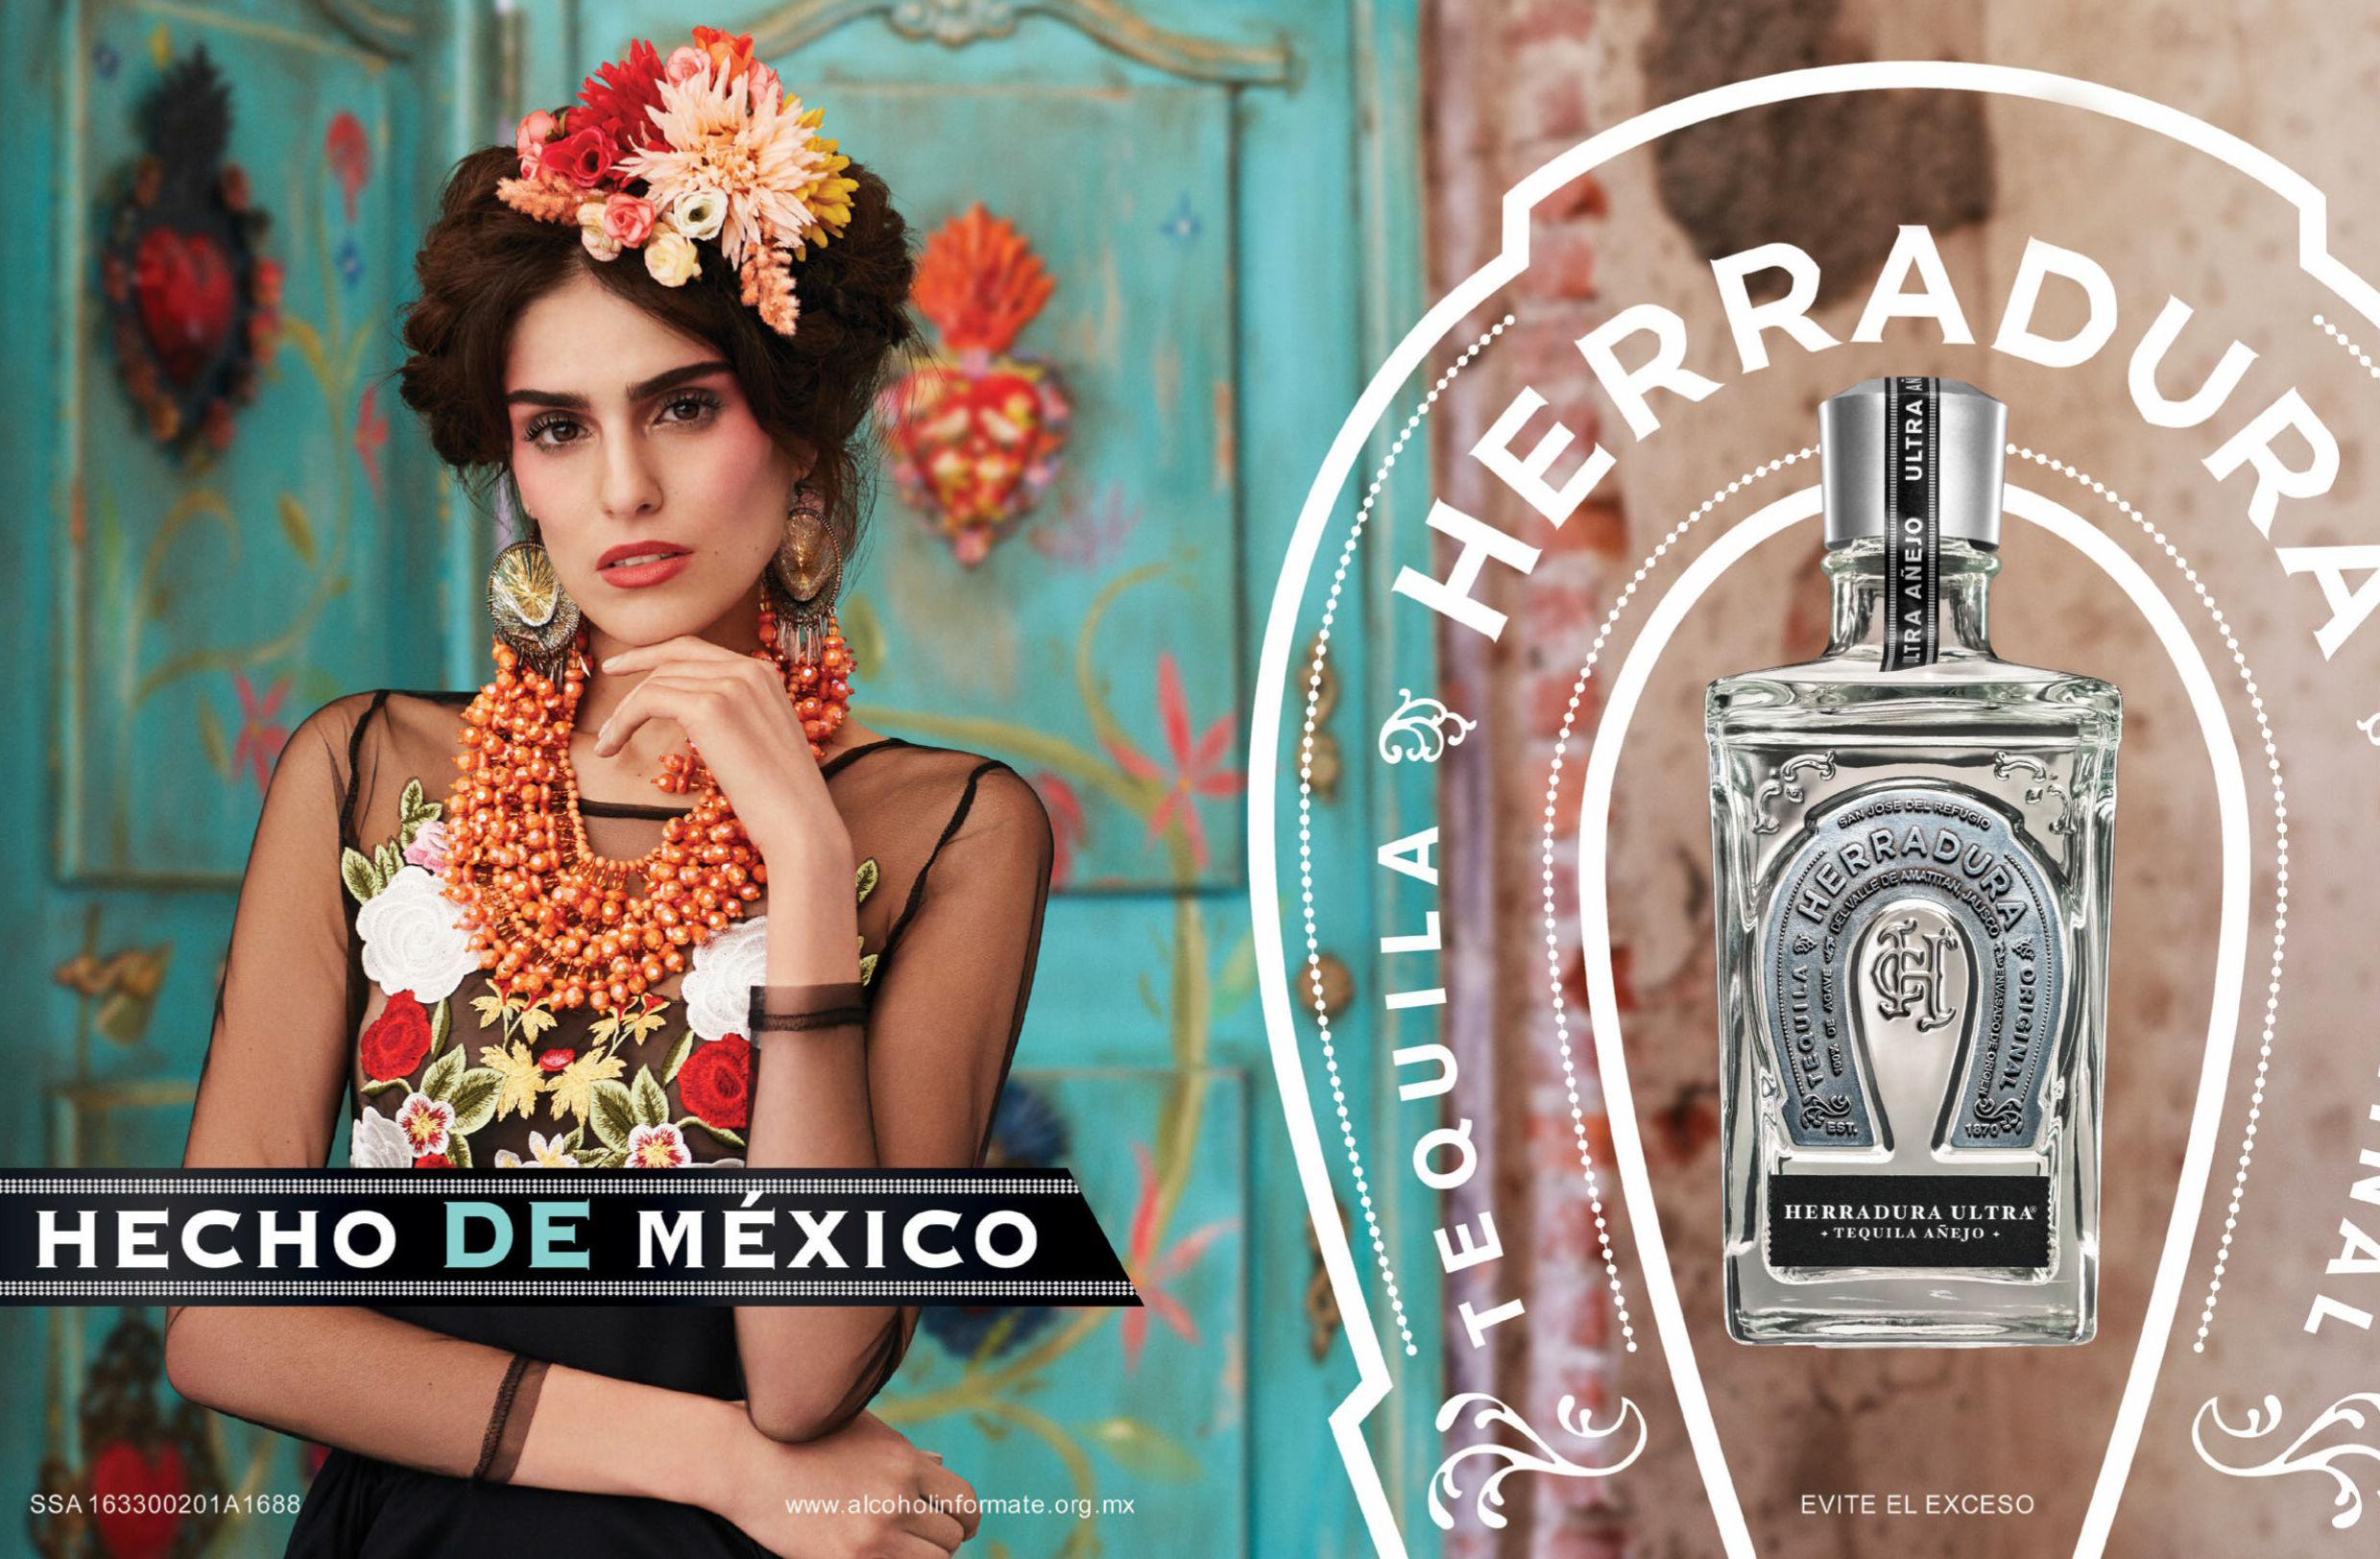 Alejandra Infante for Tequila Herradura